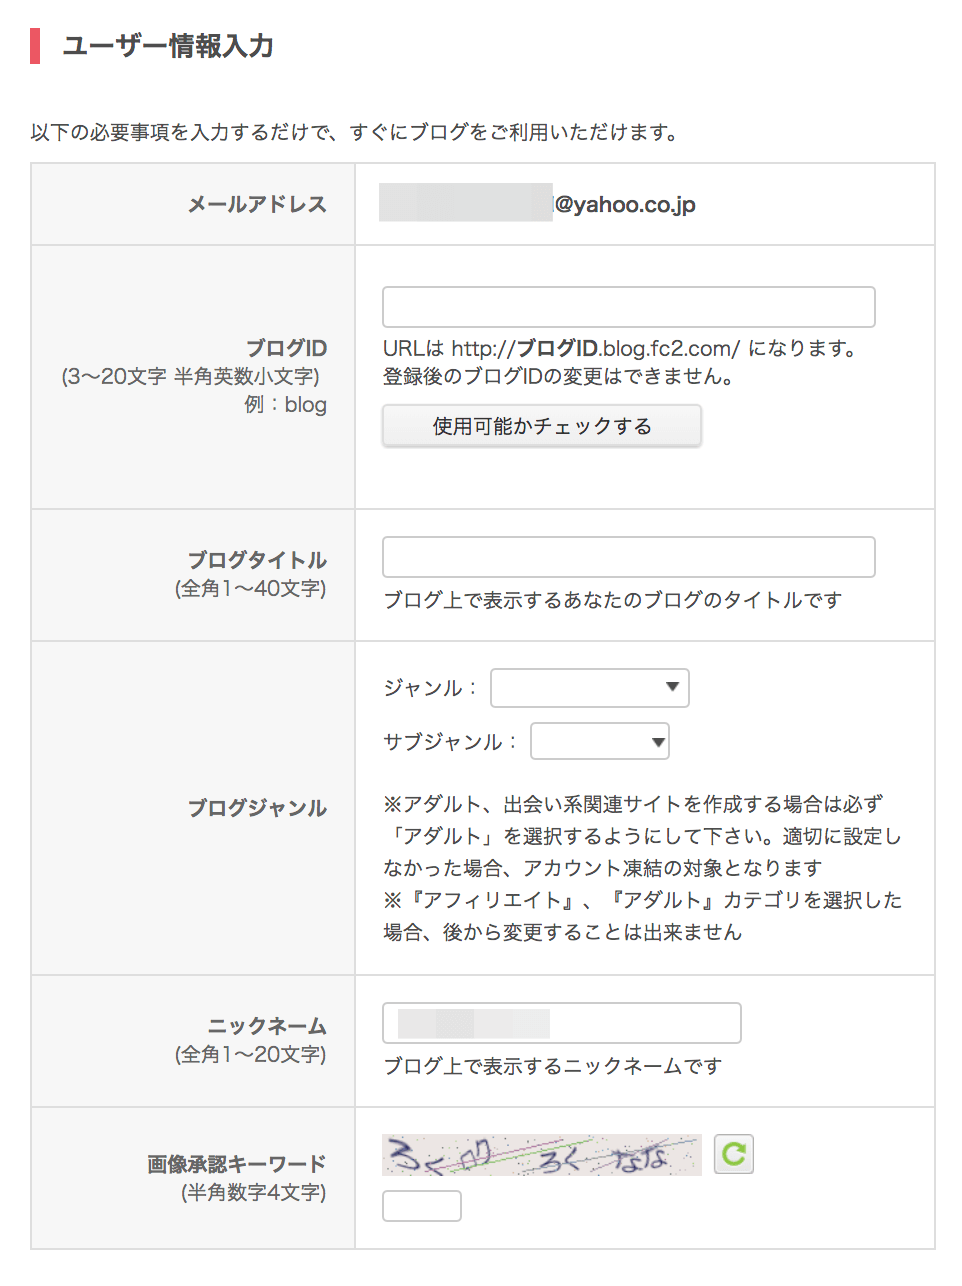 FC2ブログのユーザー情報入力